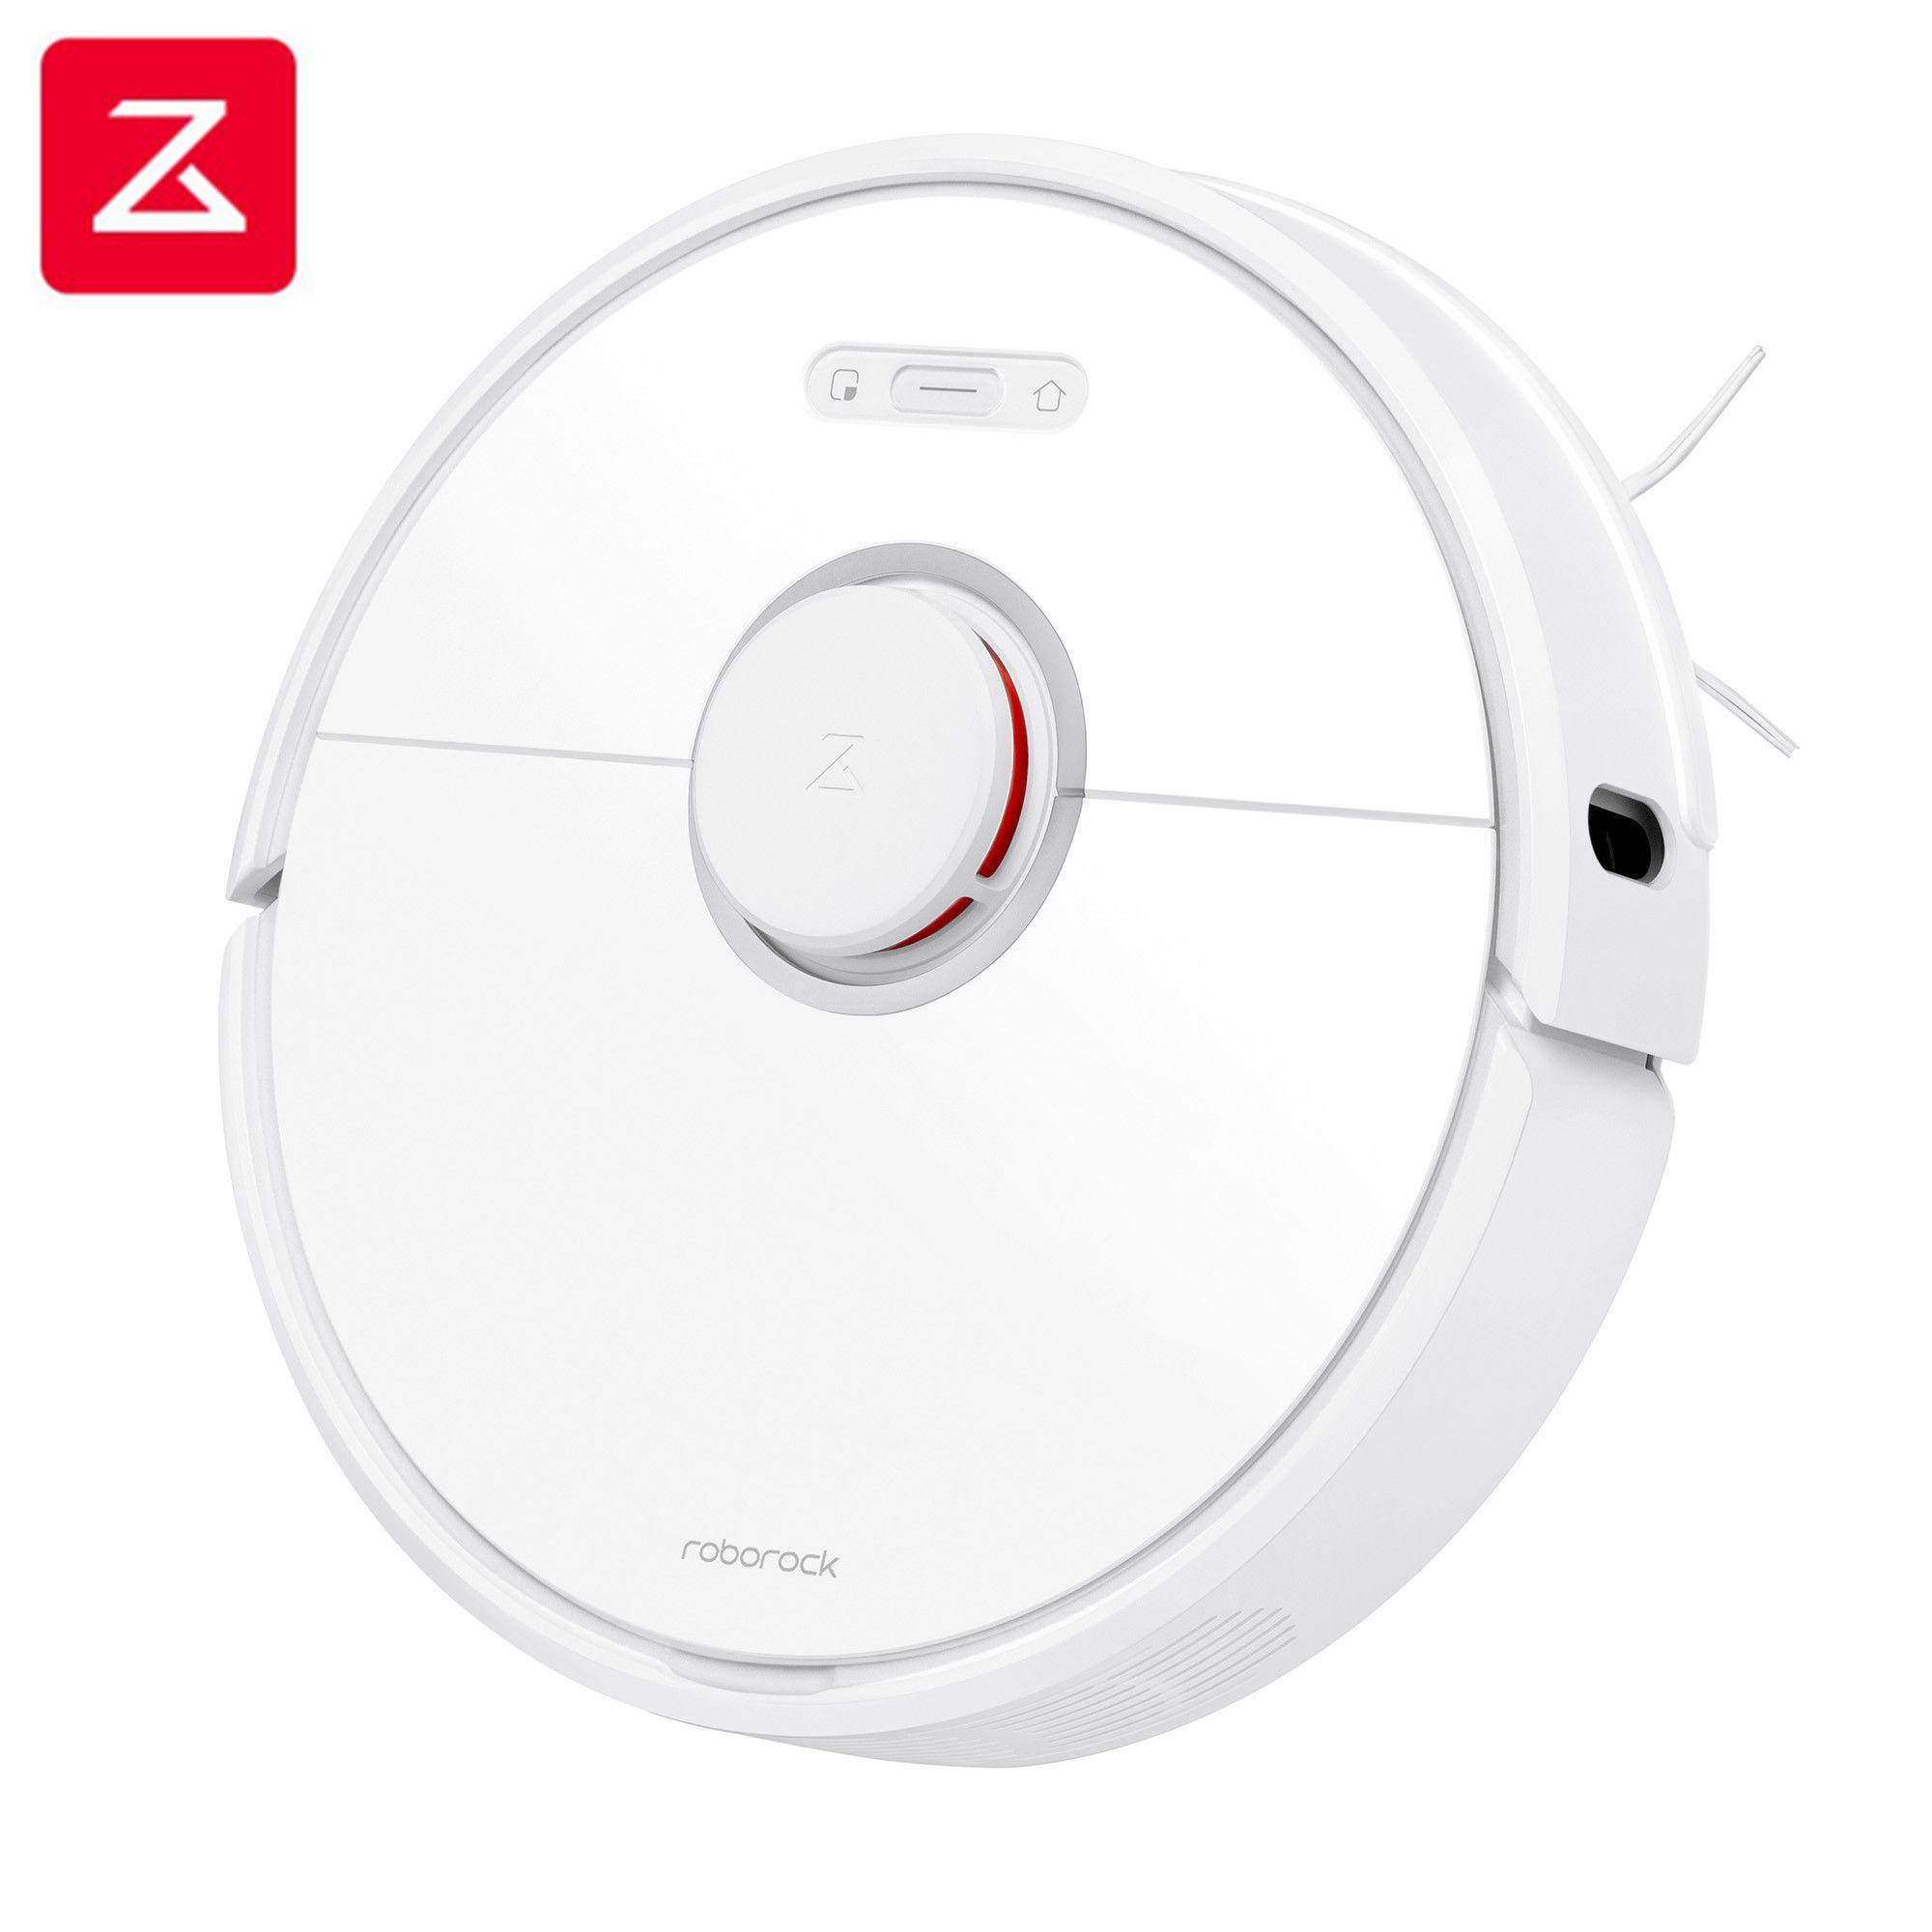 Roborock S6 Weiße Roboter Vakuum Reiniger Hause Automatische Kehren Staub Sterilisieren Smart Geplant Waschen Wischen VS Roborock S50 S55